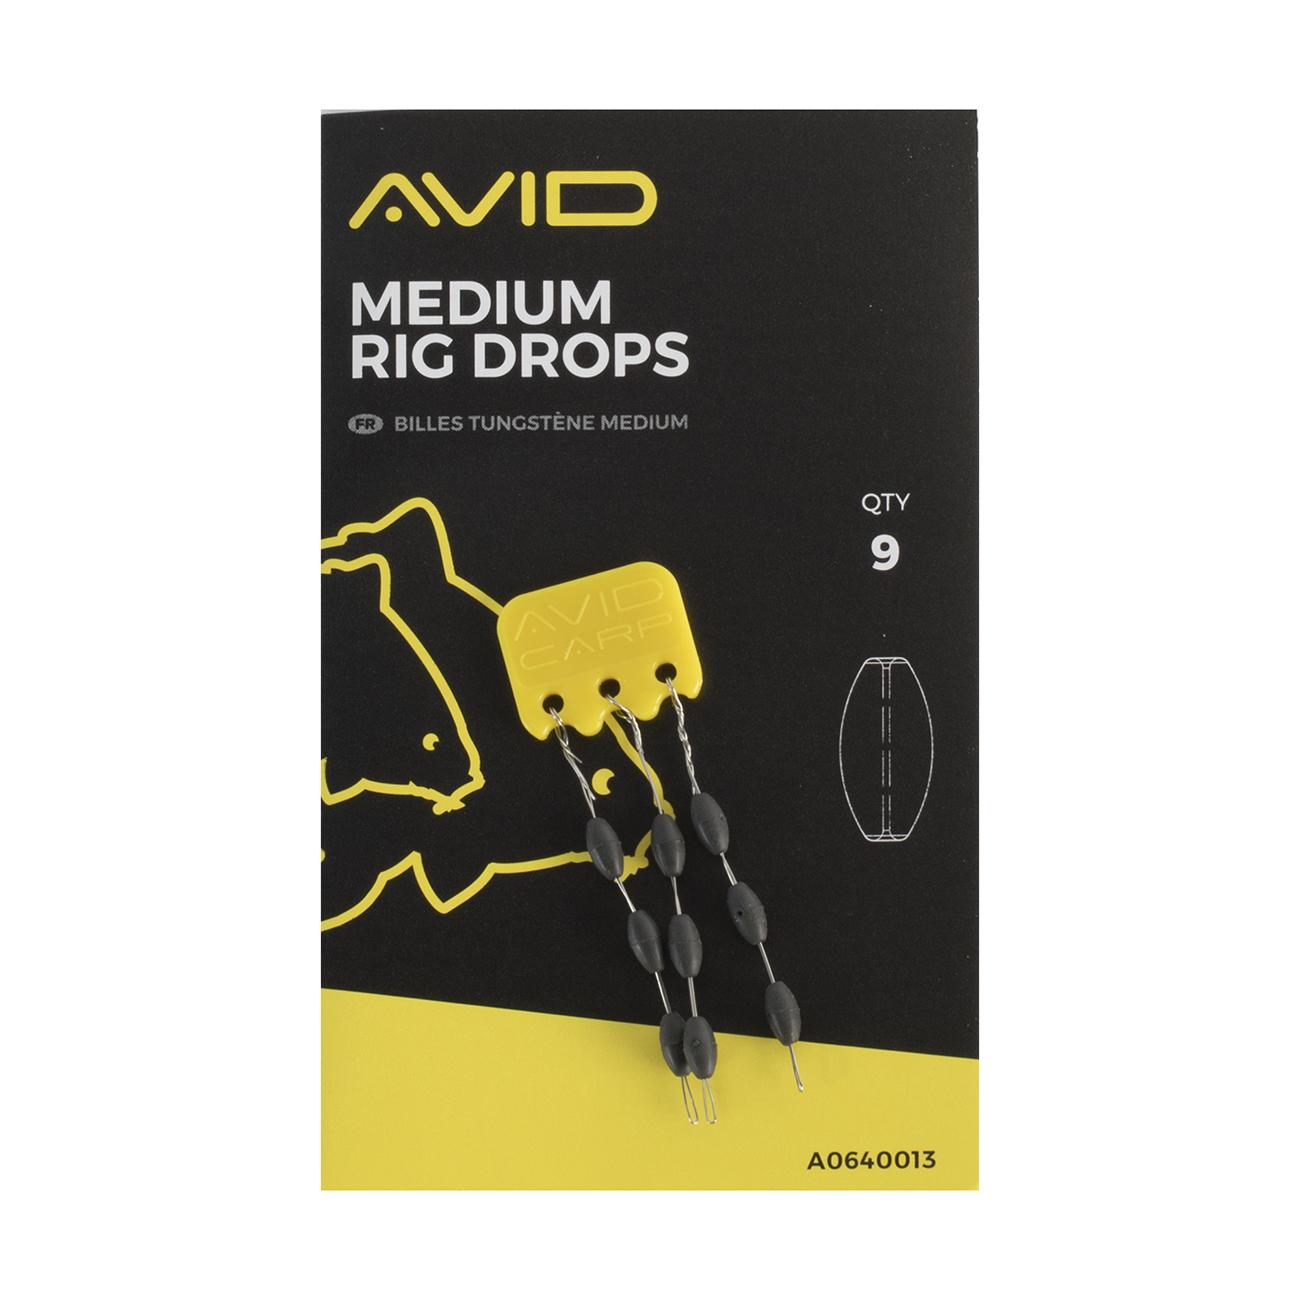 Avid Medium Rig Drops